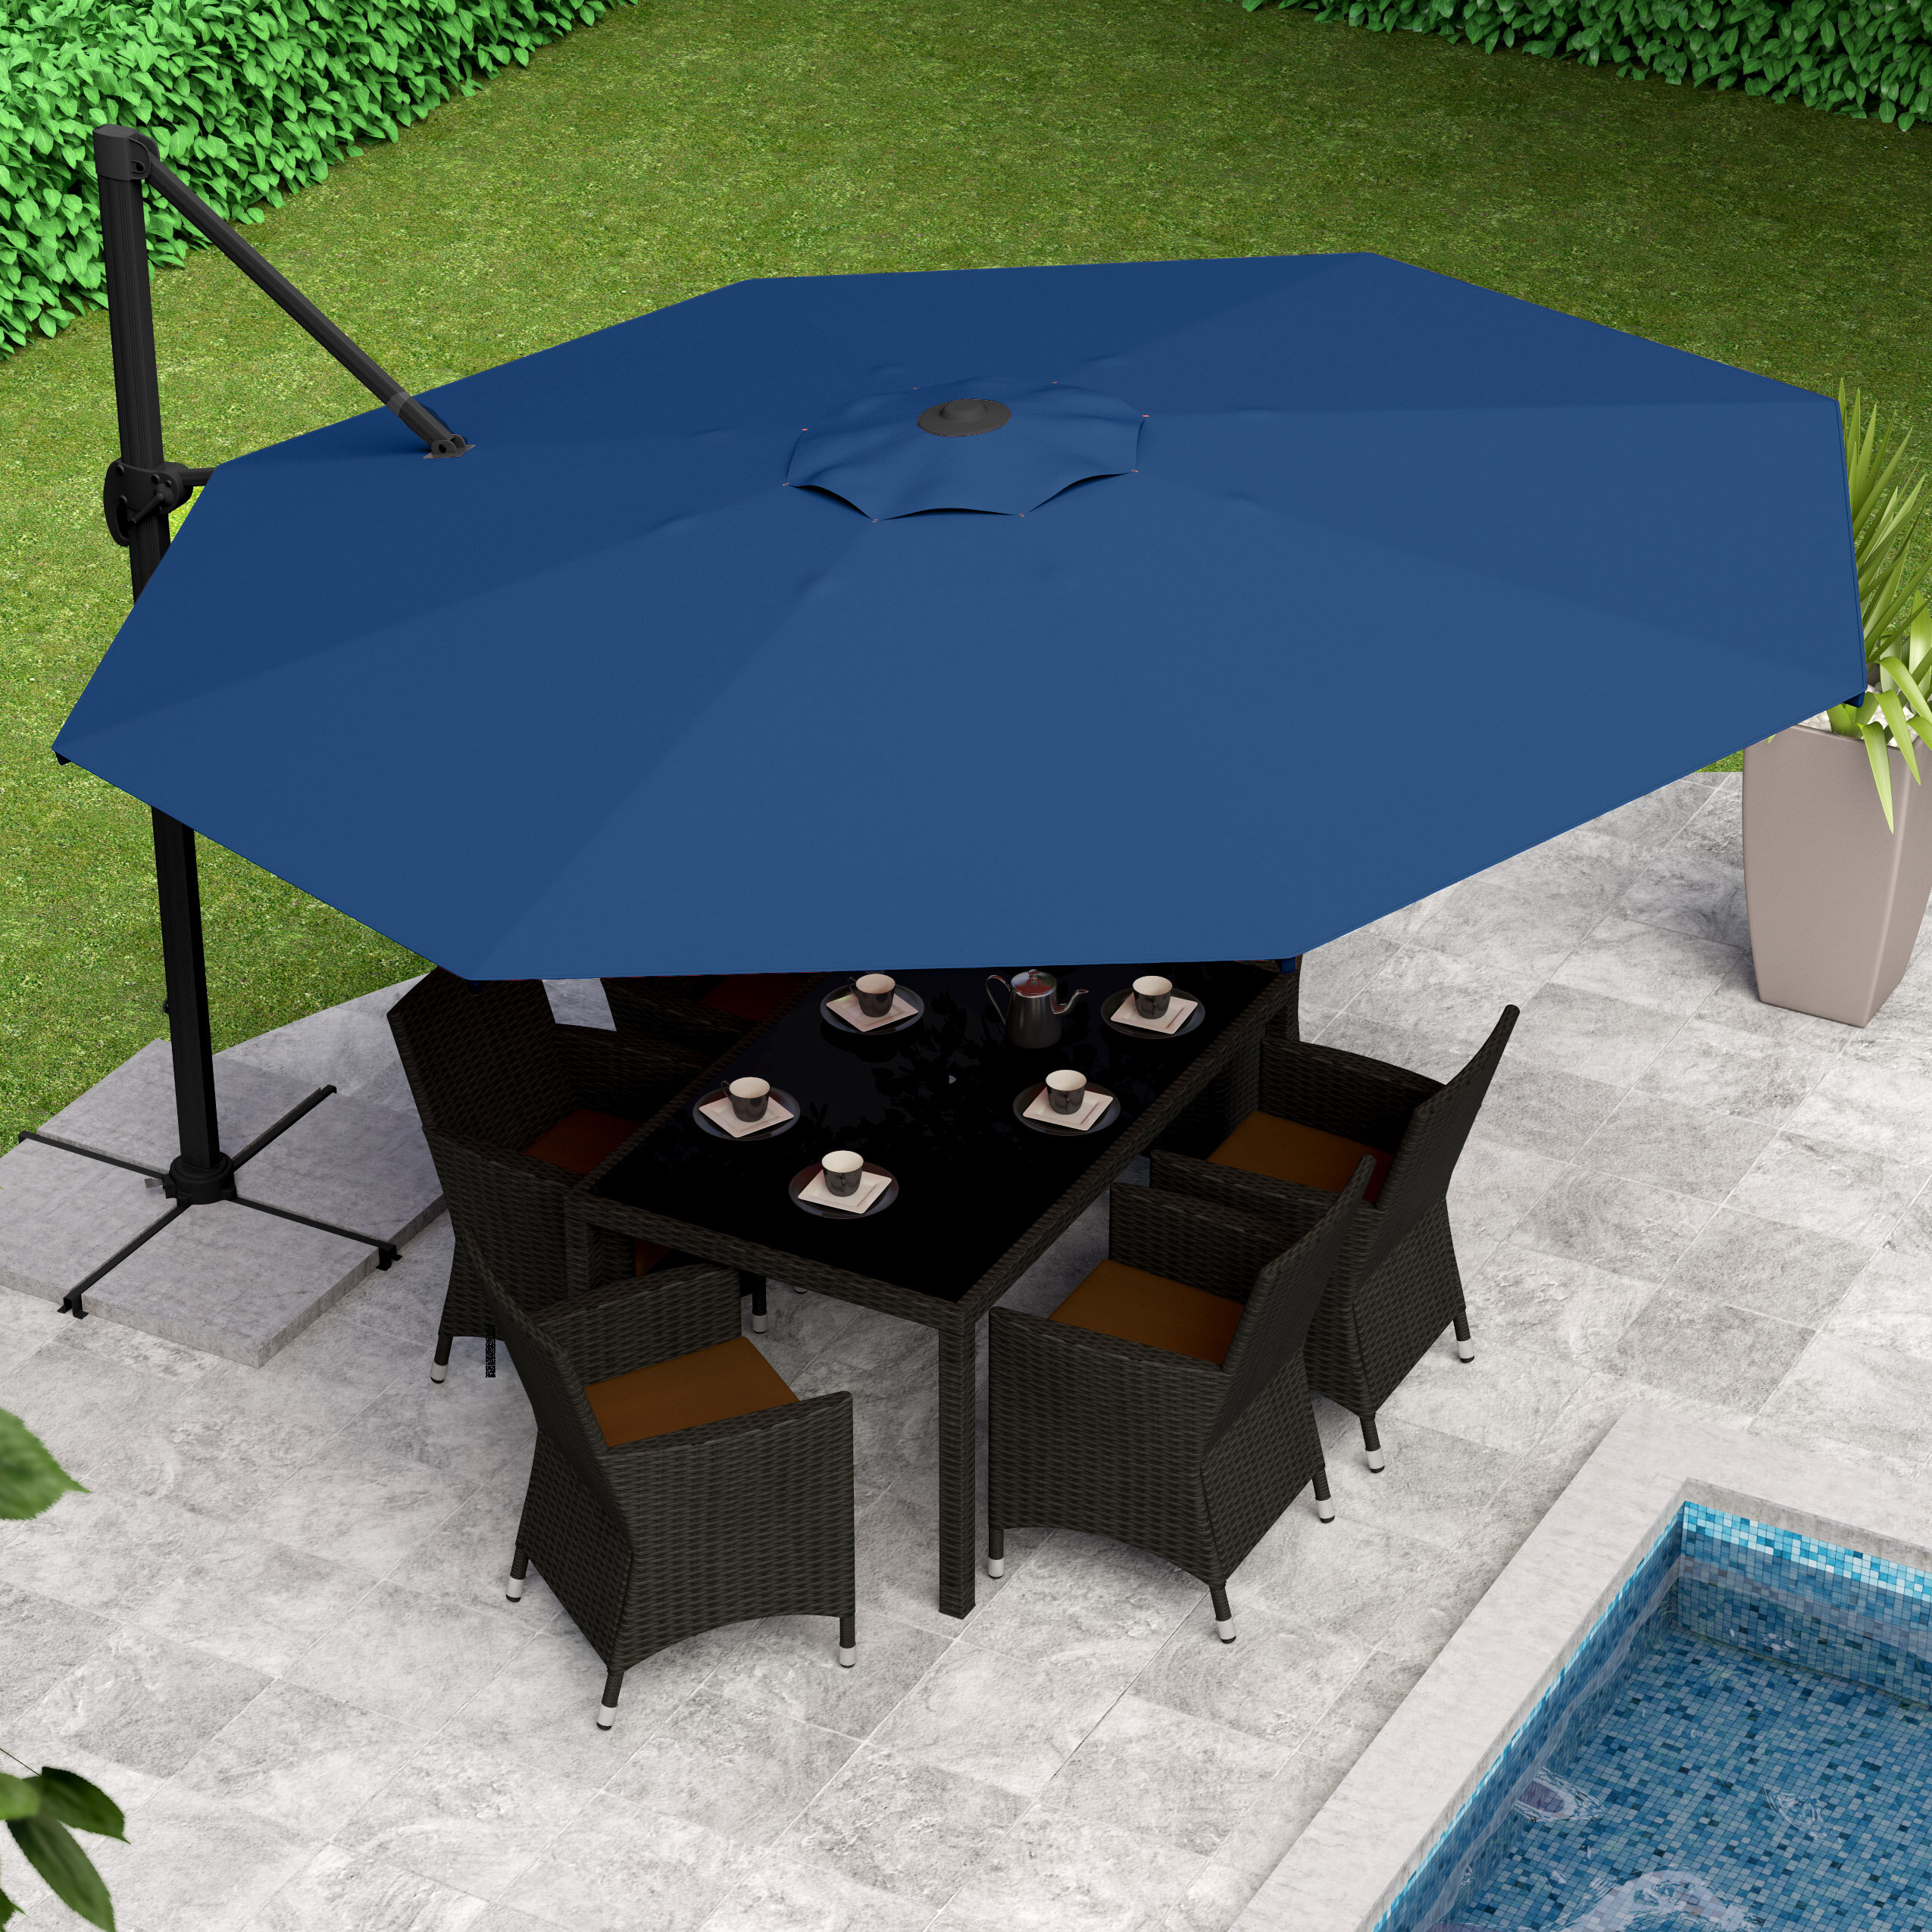 11u0027 Deluxe Offset Patio Umbrella